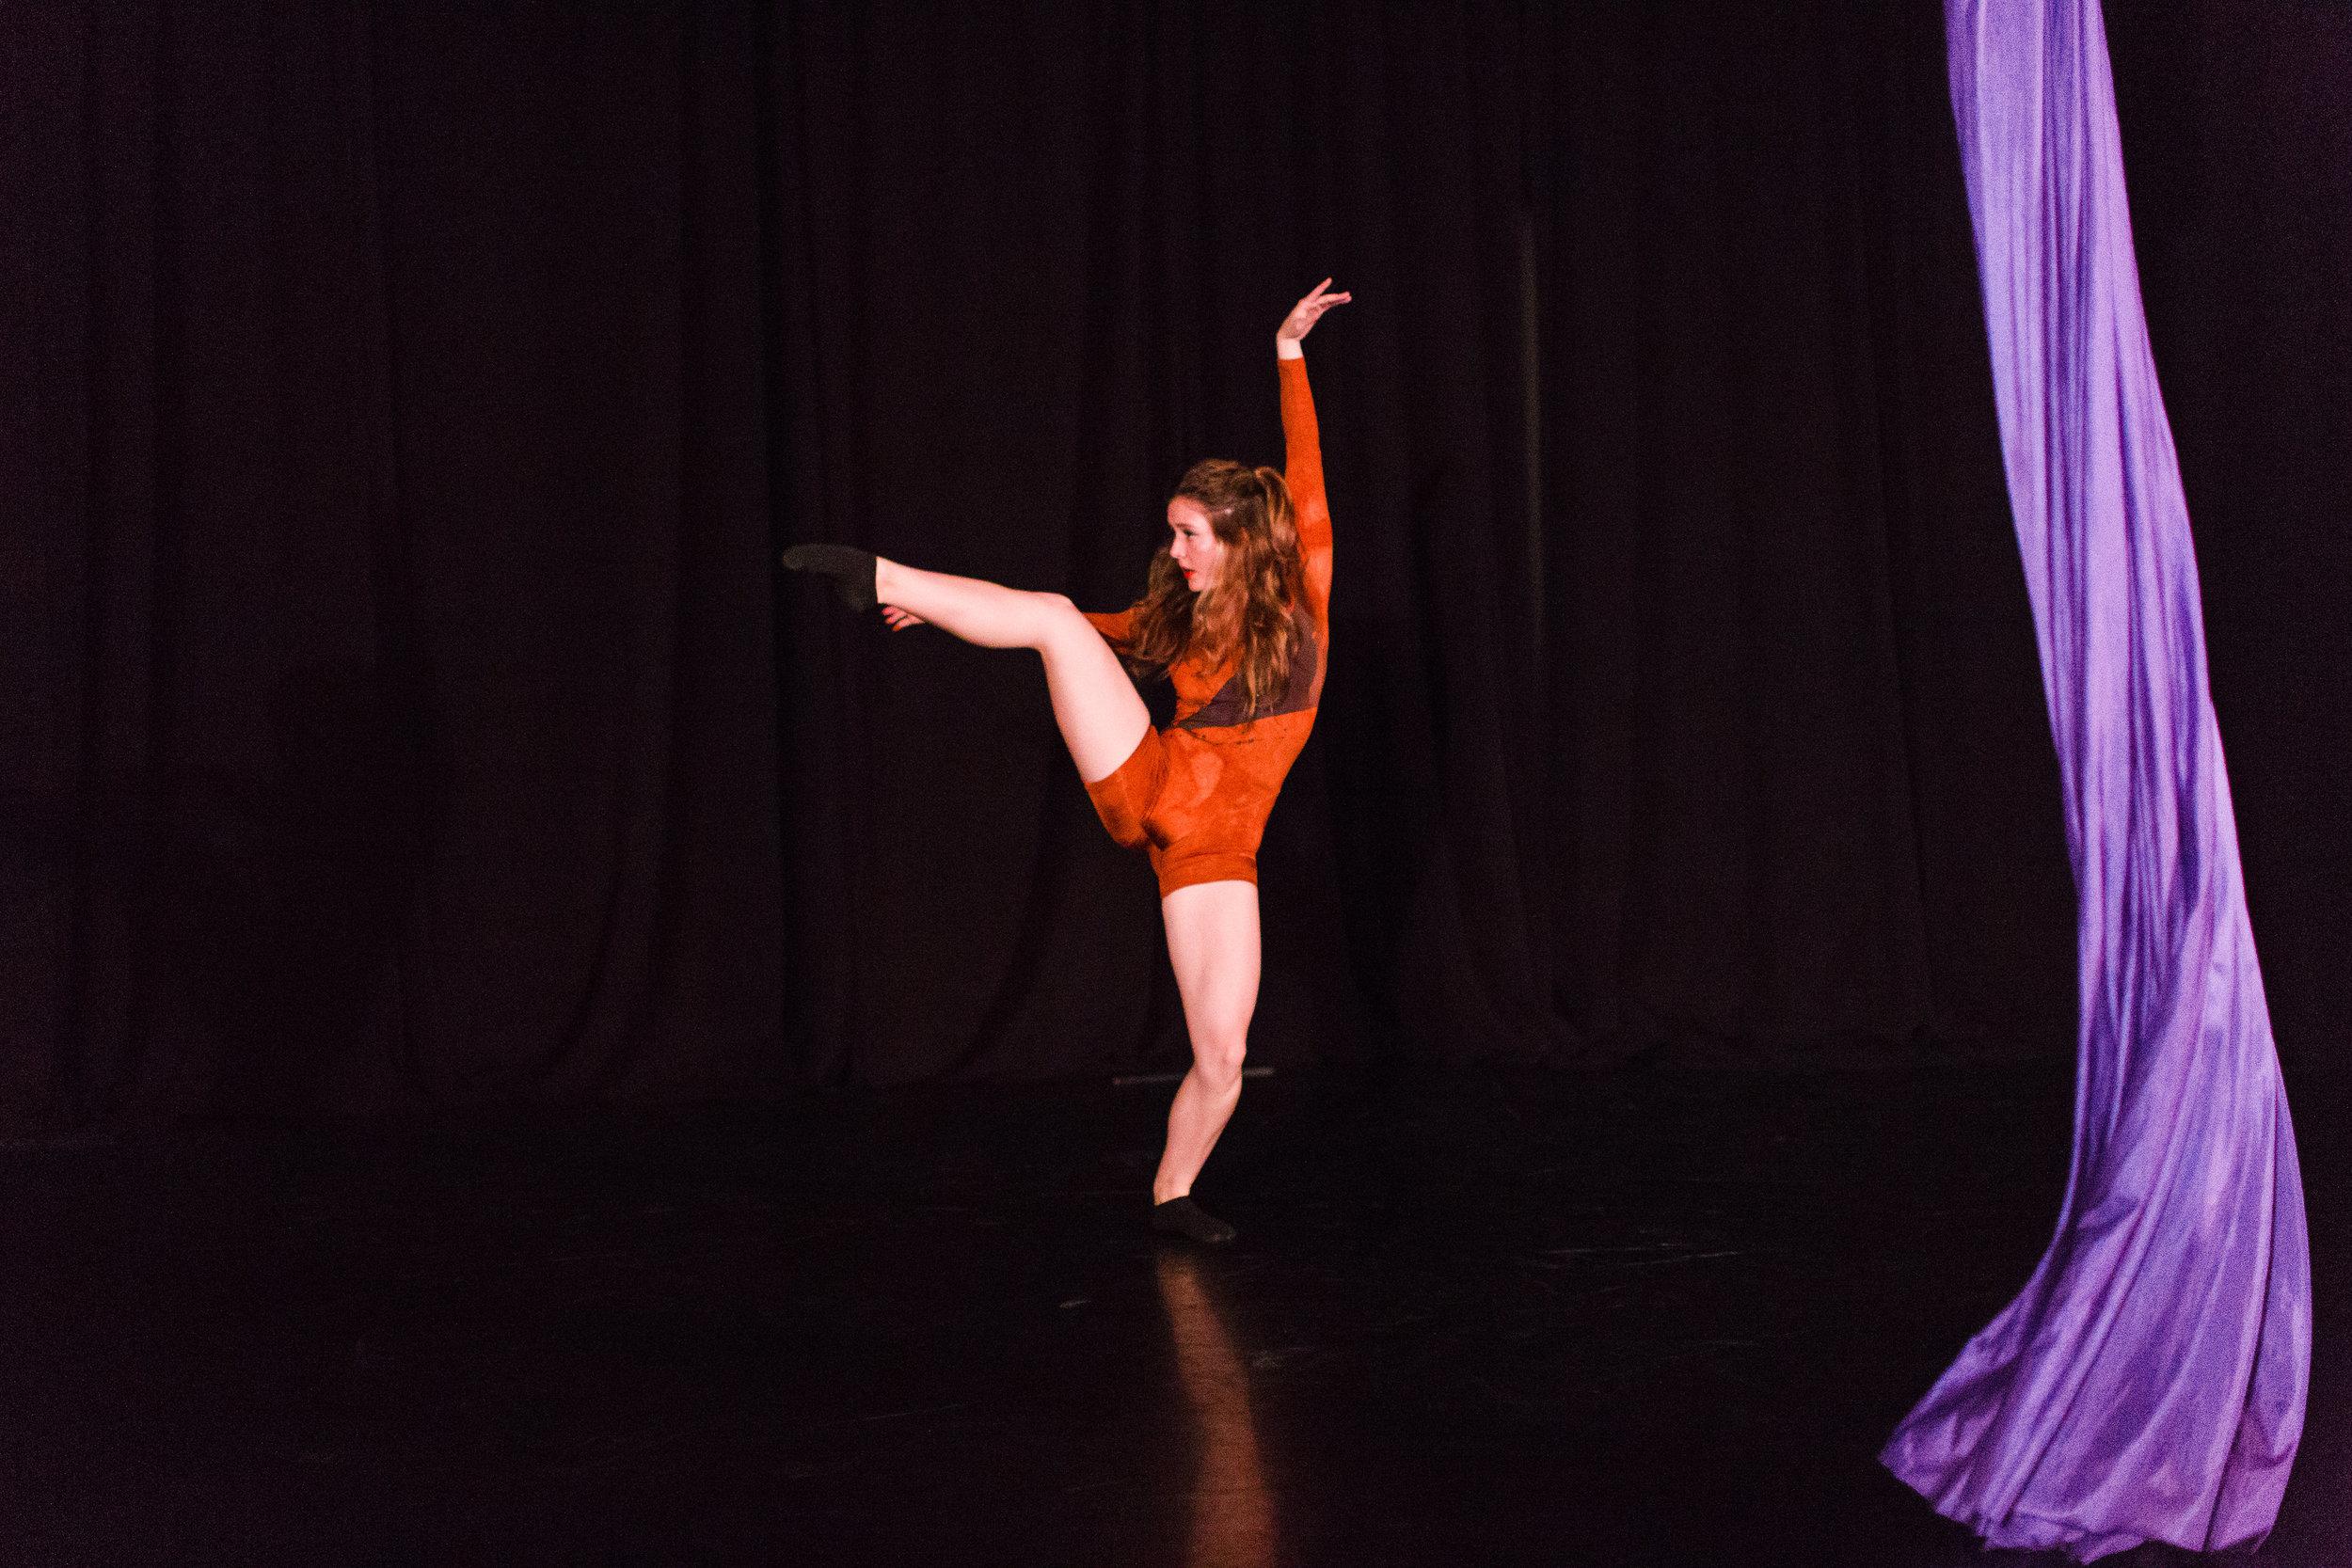 2017_12_10_durham_school_ballet_winter_showcase_party-3854.jpg